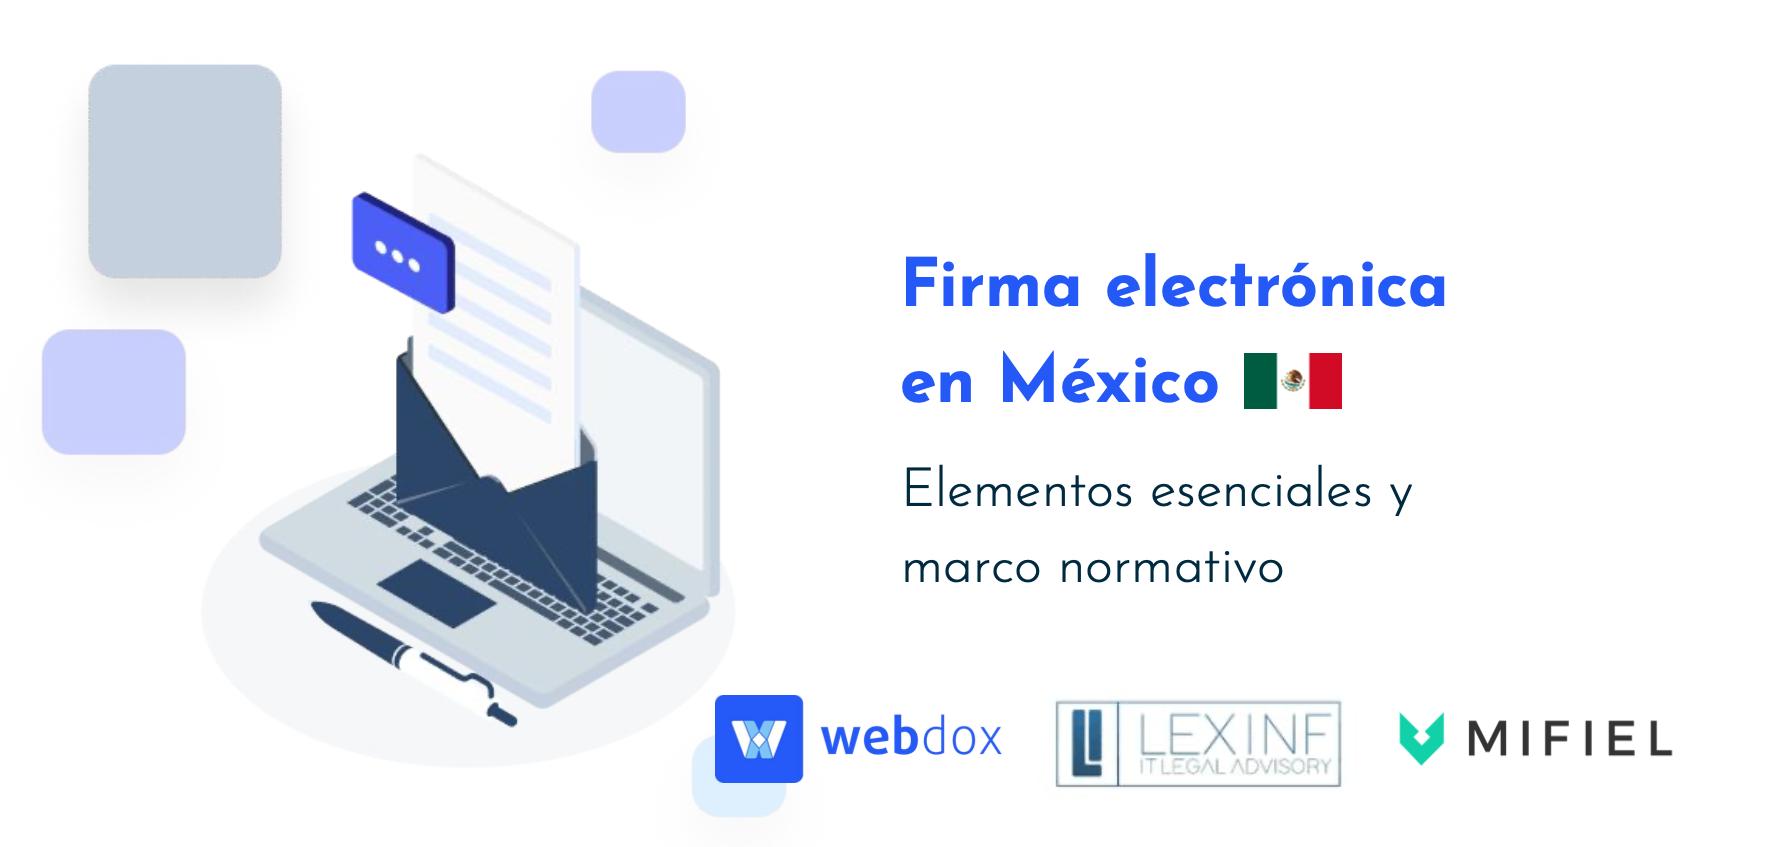 Conversatorio sobre la firma electrónica en México